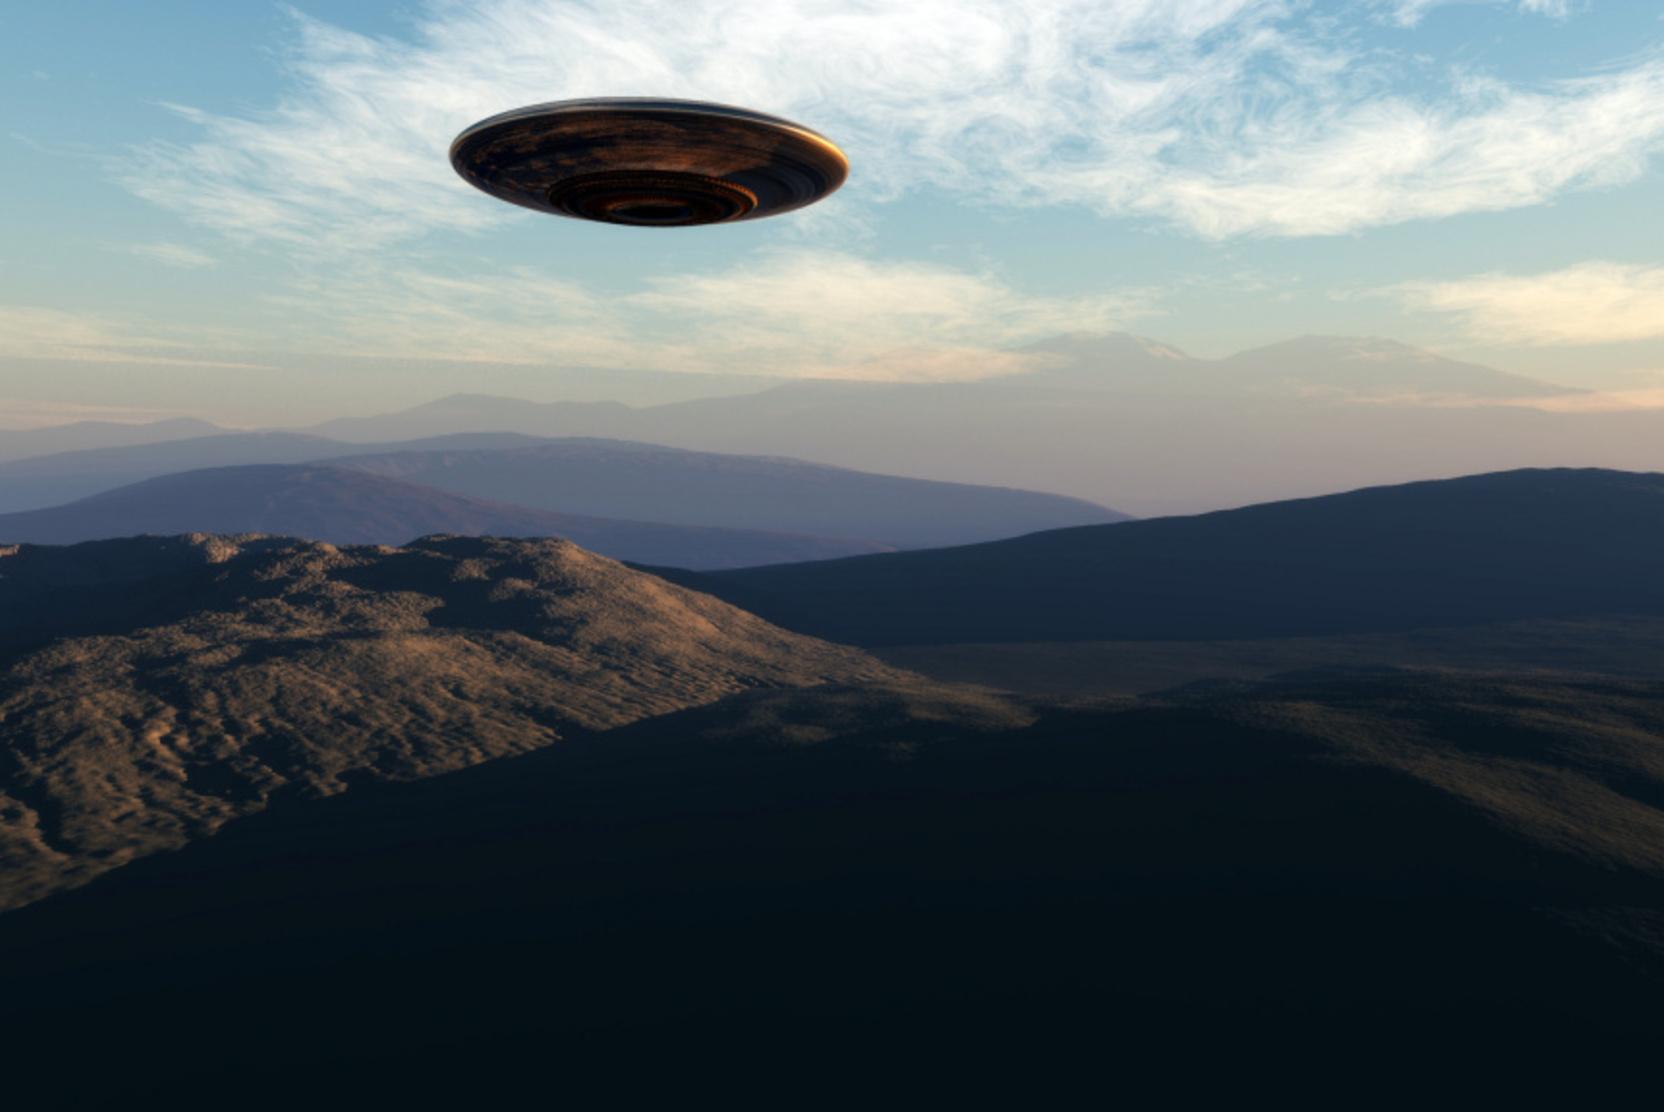 Пентагон показал видео с НЛО: военные самолеты США засекли в воздухе странный объект на высокой скорости, видео